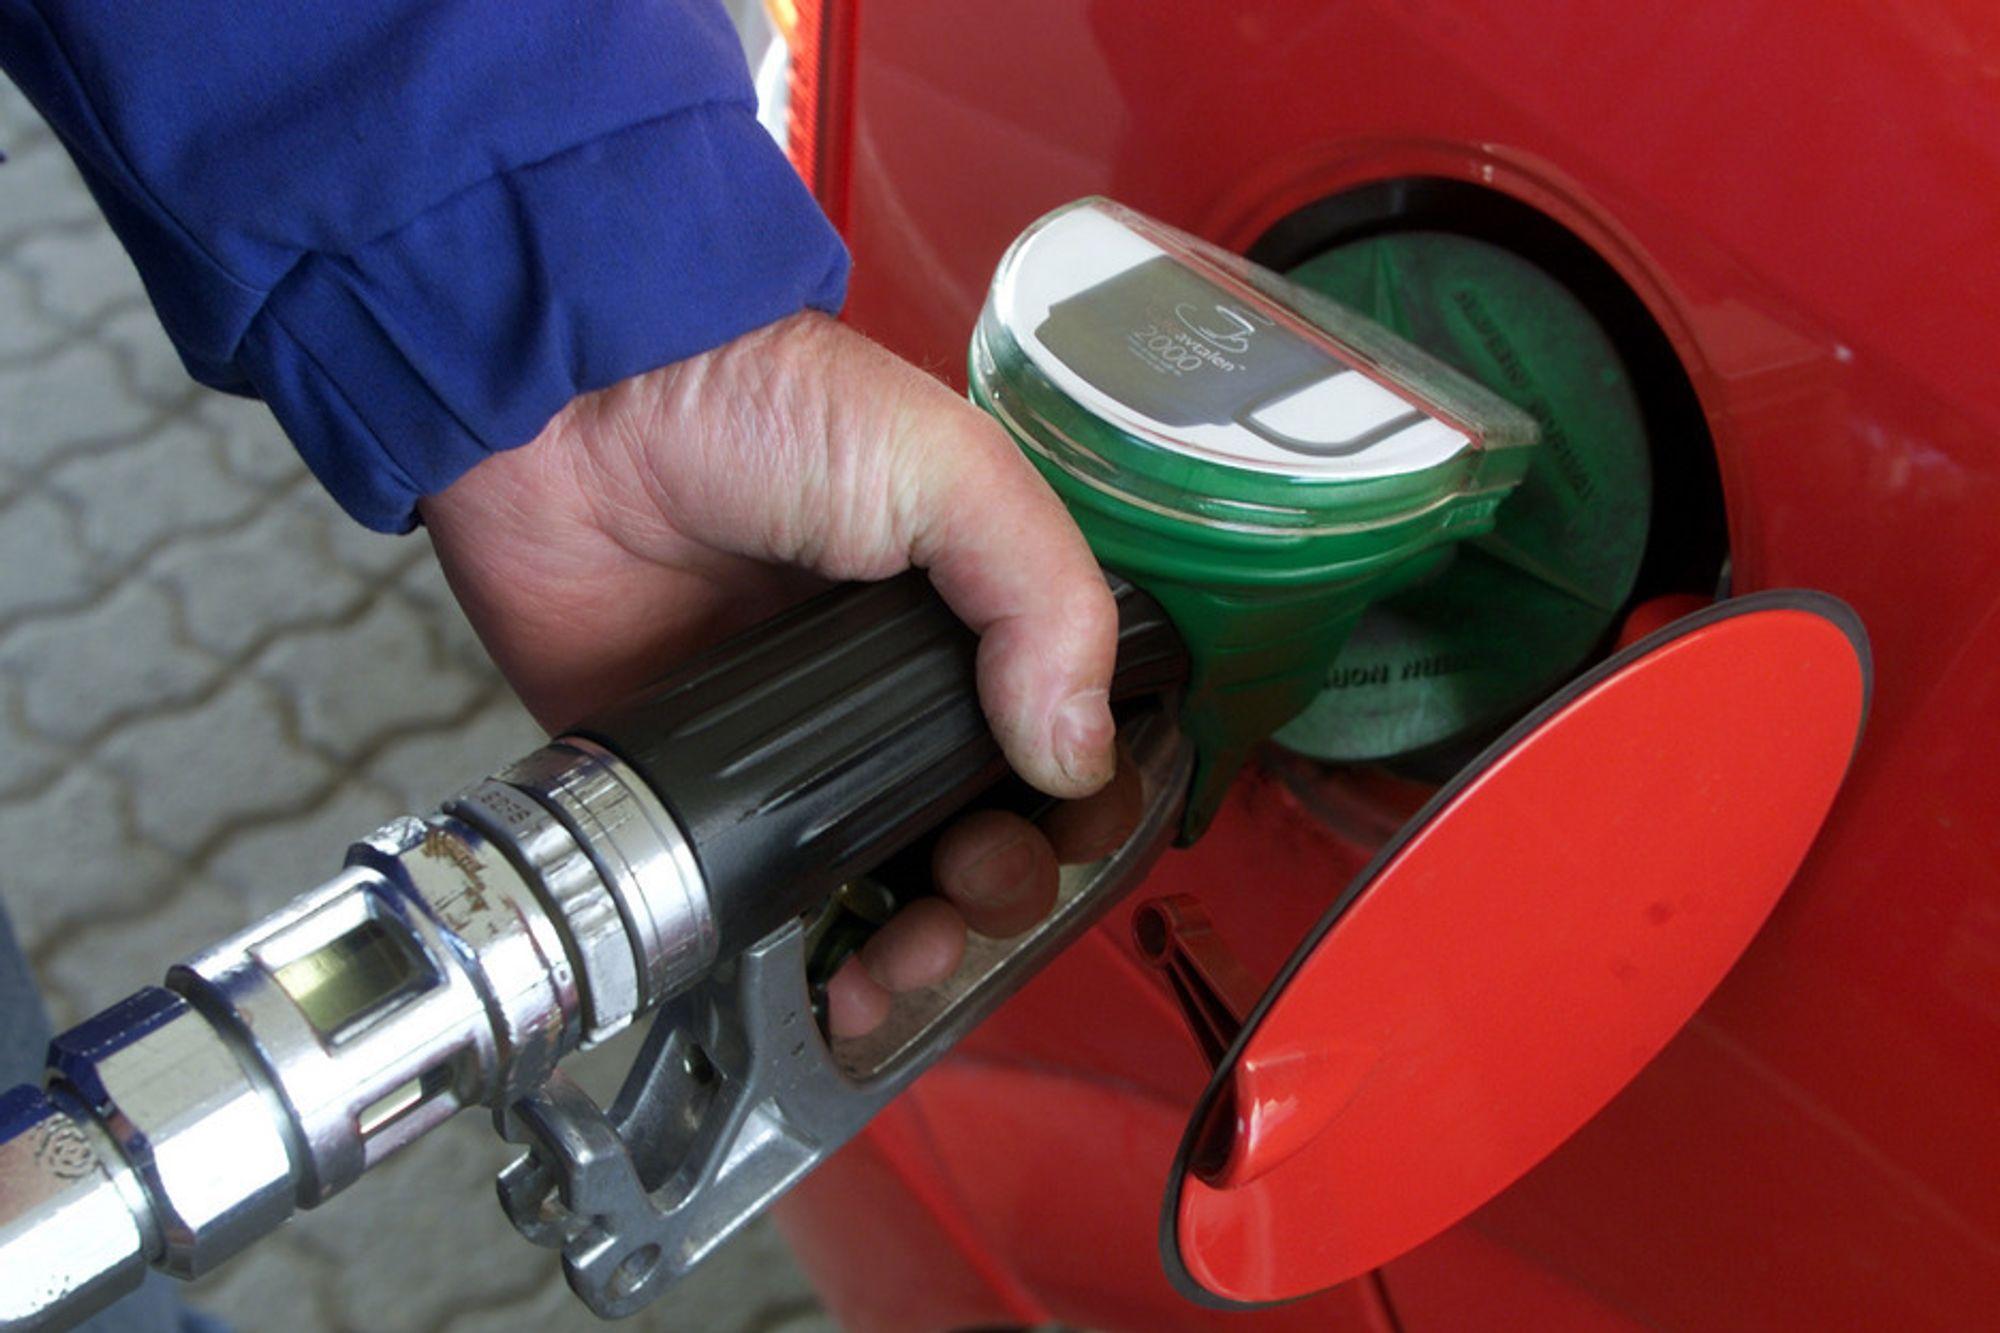 FYLLER PÅ: Dieselsalget økte med ti prosent i 2010. Også jetdrivstoff går så det griner. Norge har ikke brukt mer petroleum siden 1999, og er nå oppe i 62 millioner fat oljeekvivalenter. Det tilsvarer rundt 15 dagers petroleumsproduksjon, eller 34 dagers oljeproduksjon (1,8 mill. fat per dag).